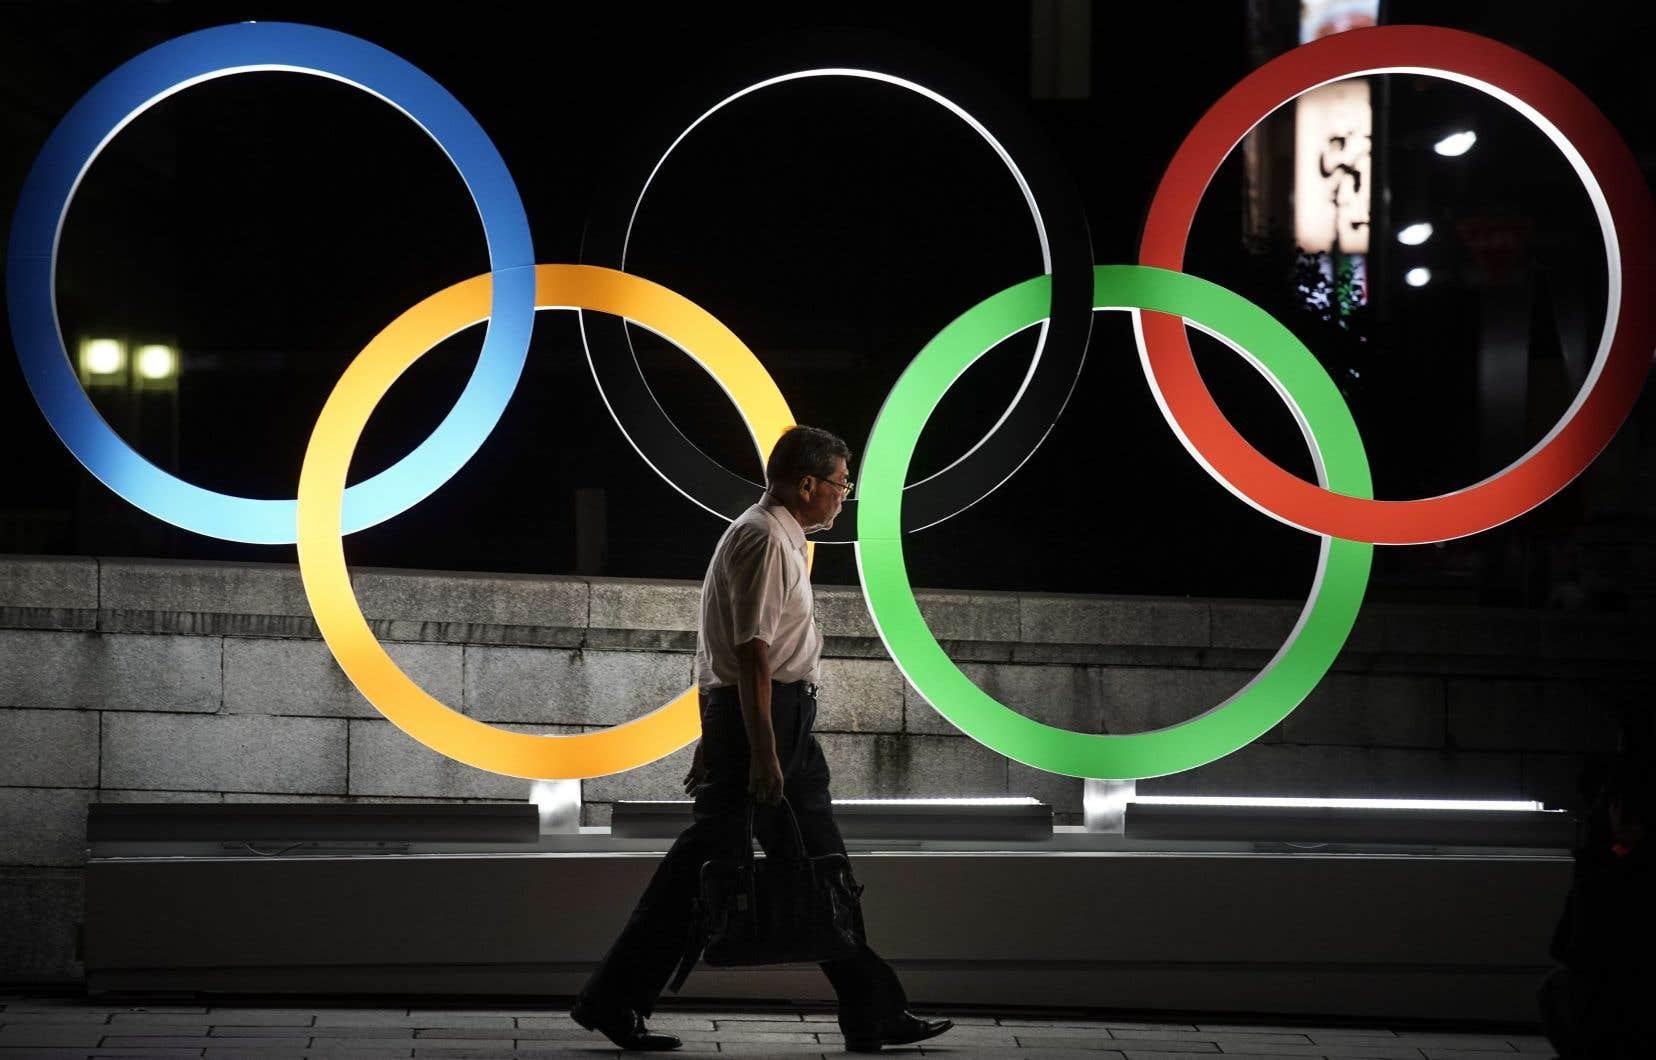 La cérémonie d'ouverture des Jeux de Pékin doit avoir lieu dans un an, le 4février 2022, même si la pandémie de coronavirus risque d'être toujours d'actualité à ce moment-là.